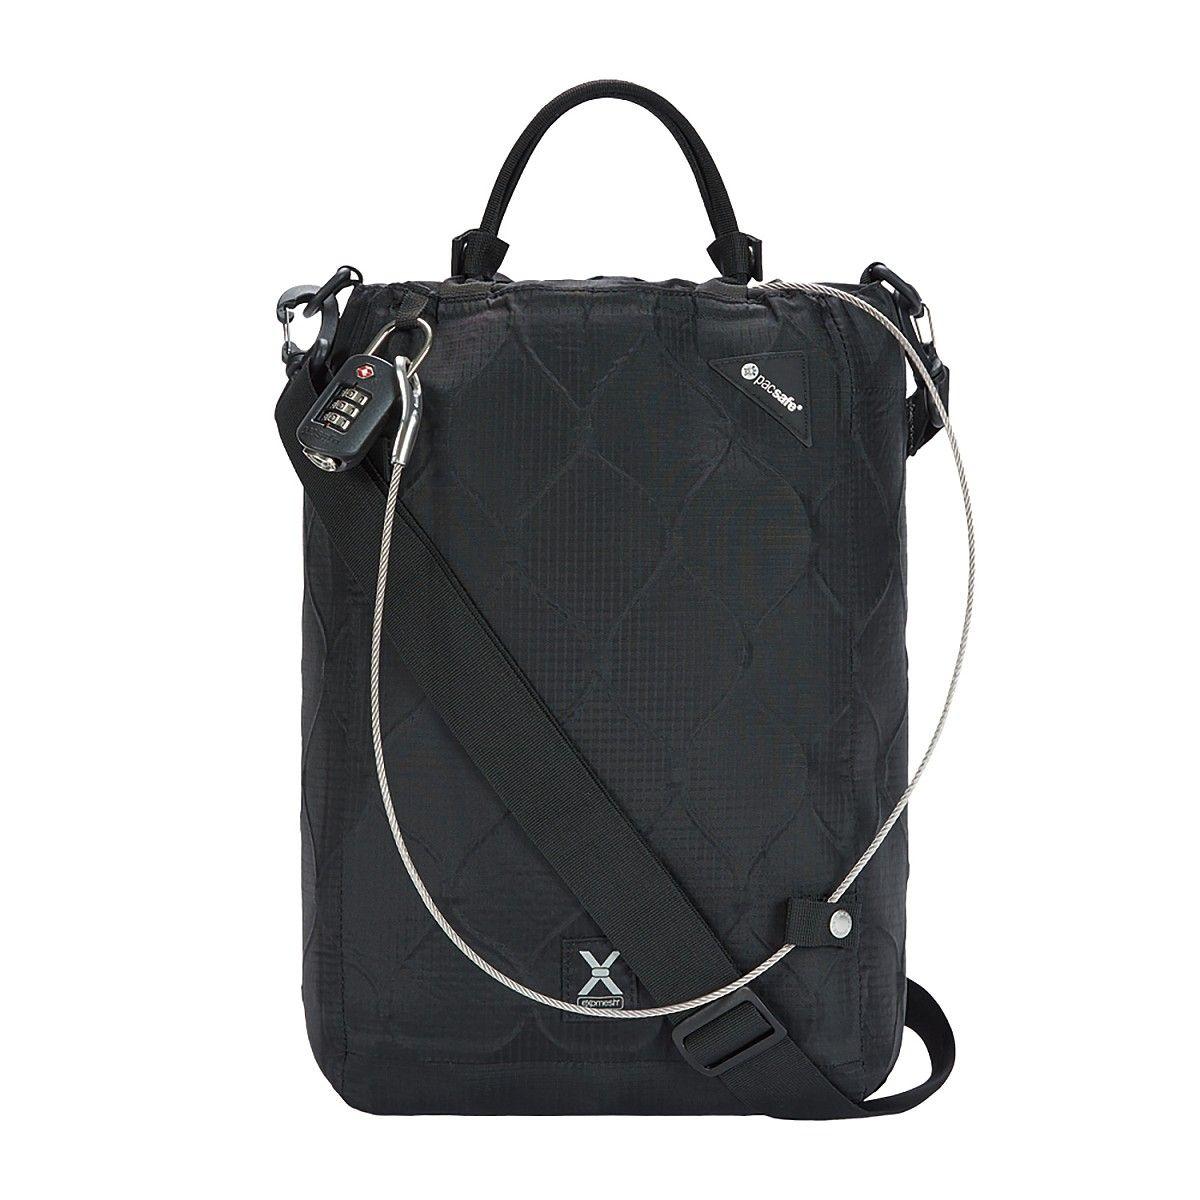 Safe Backpacks For Travel